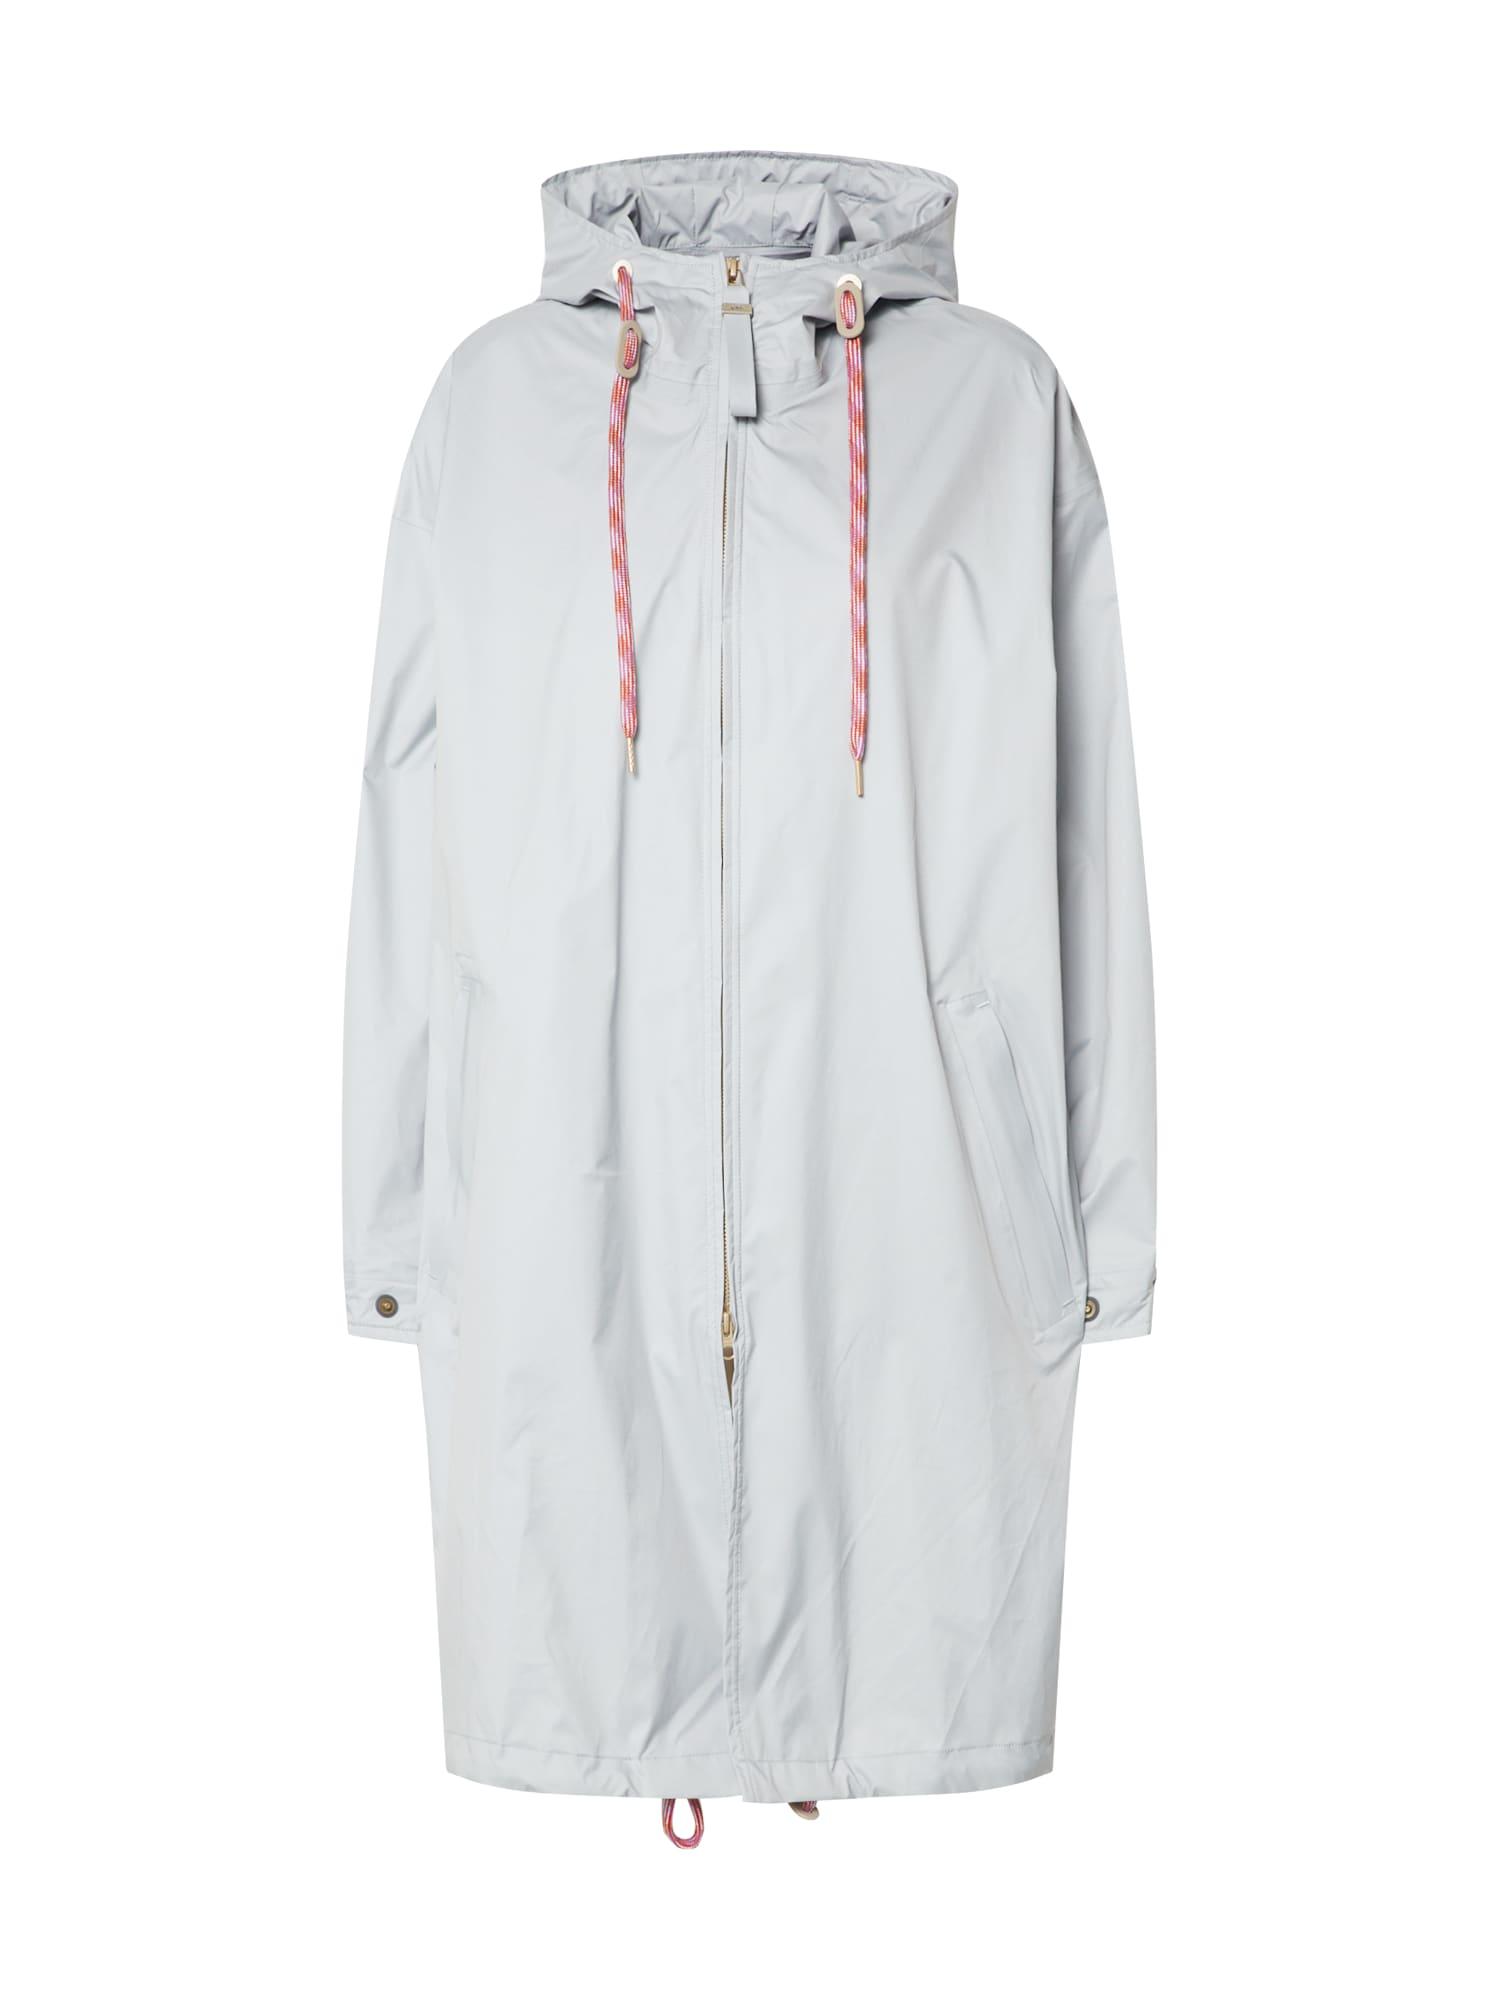 g-lab Rudeninis-žieminis paltas 'SONAR' balta